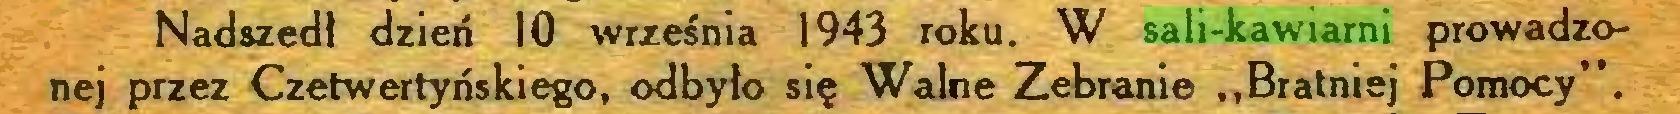 """(...) Nadszedł dzień 10 września 1943 roku. W sali-kawiarni prowadzonej przez Czetwertyriskiego, odbyło się Walne Zebranie """"Bratniej Pomocy""""..."""